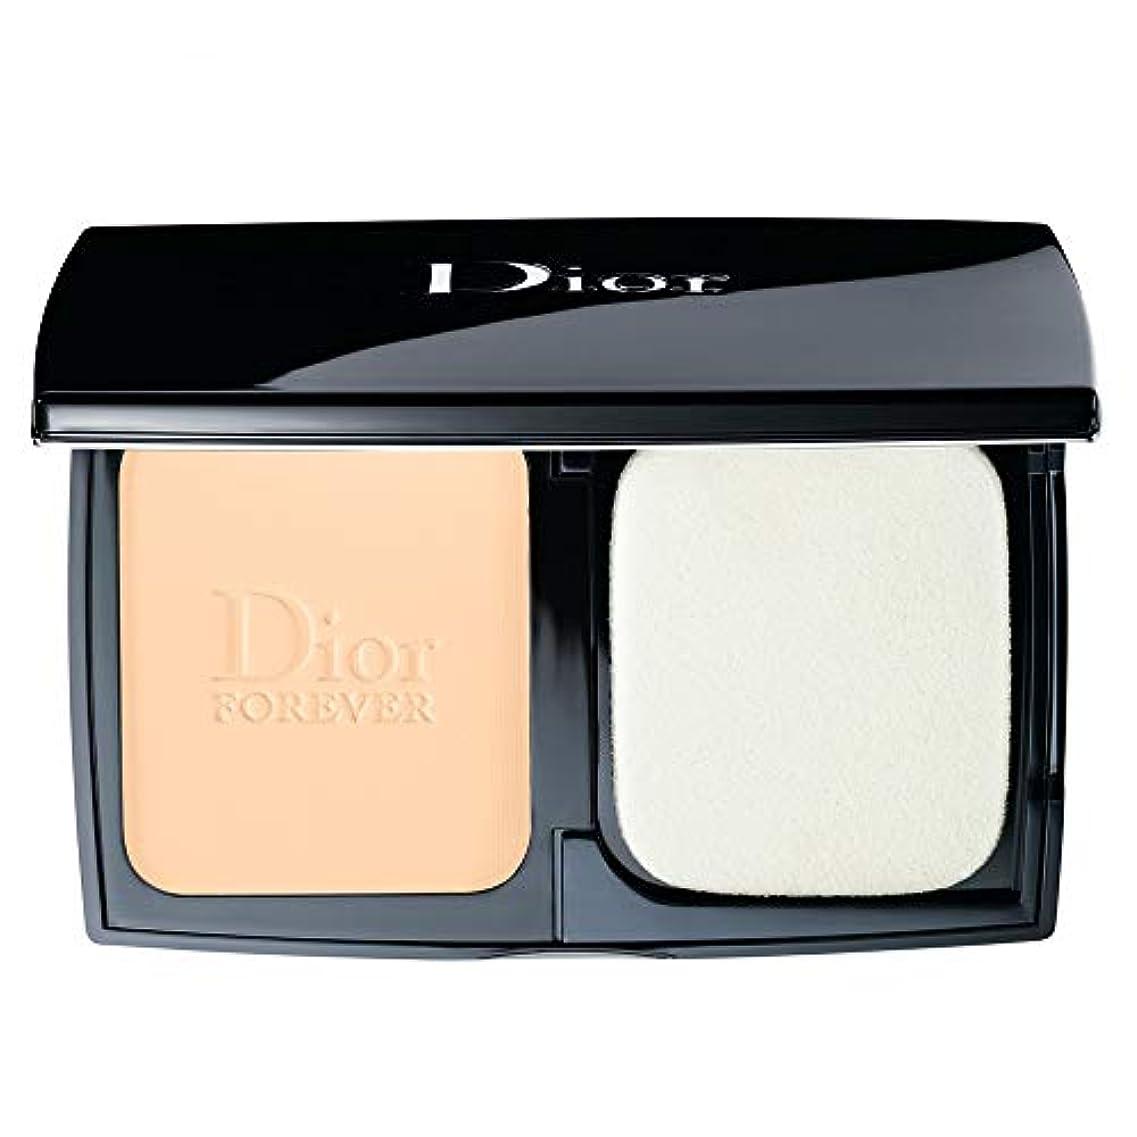 禁じる拍車心理学クリスチャンディオール Diorskin Forever Extreme Control Perfect Matte Powder Makeup SPF 20 - # 010 Ivory 9g/0.31oz並行輸入品